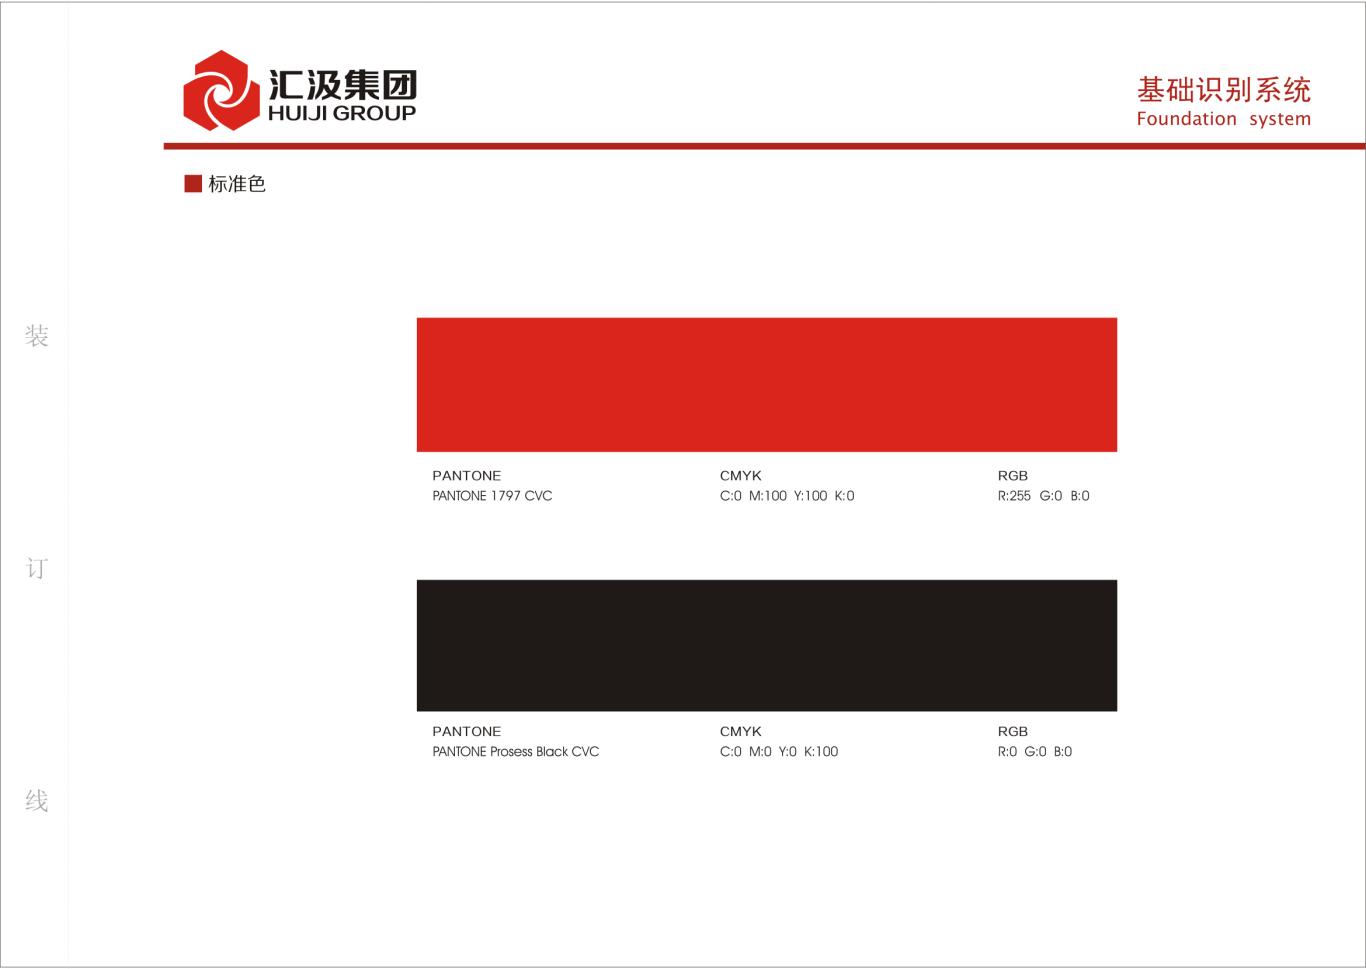 山东汇汲集团有限公司LOGO(客户直接采用)图6